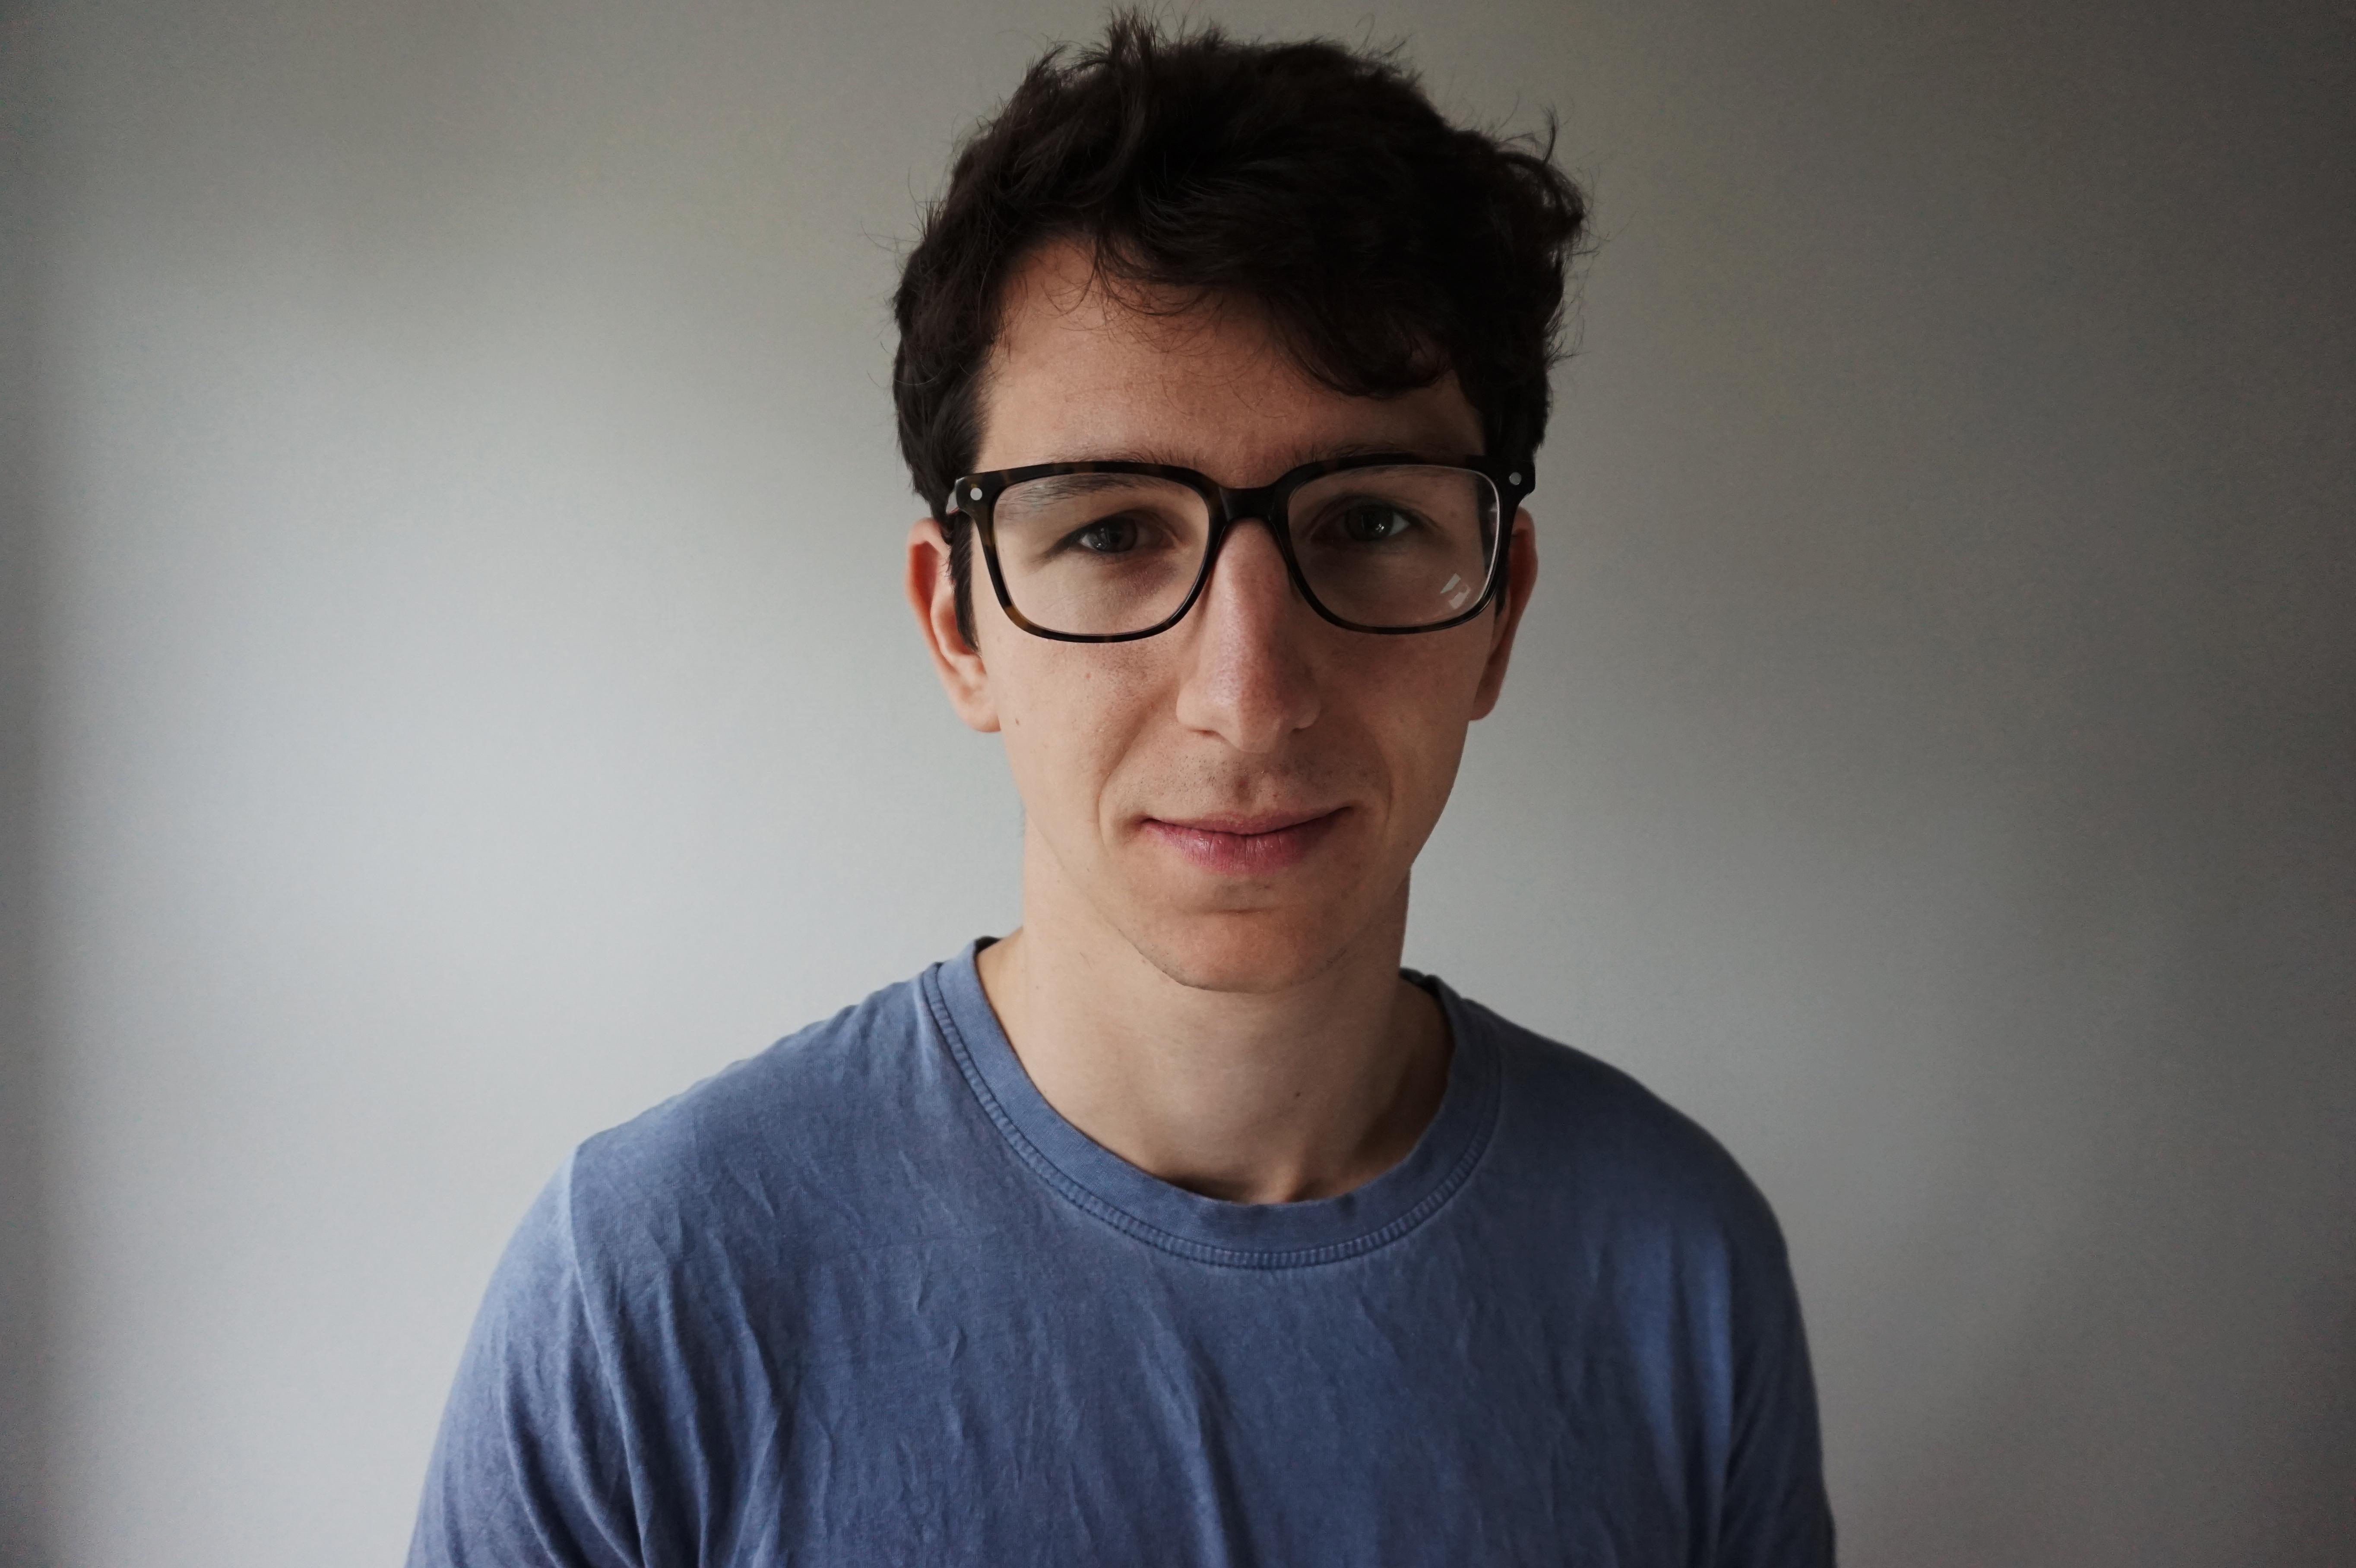 Felix Hackenbruch ist freischaffender Journalist in Berlin und arbeitet dort für den Radiosender Multicult.fm. Bild: Dominik Lehmann.